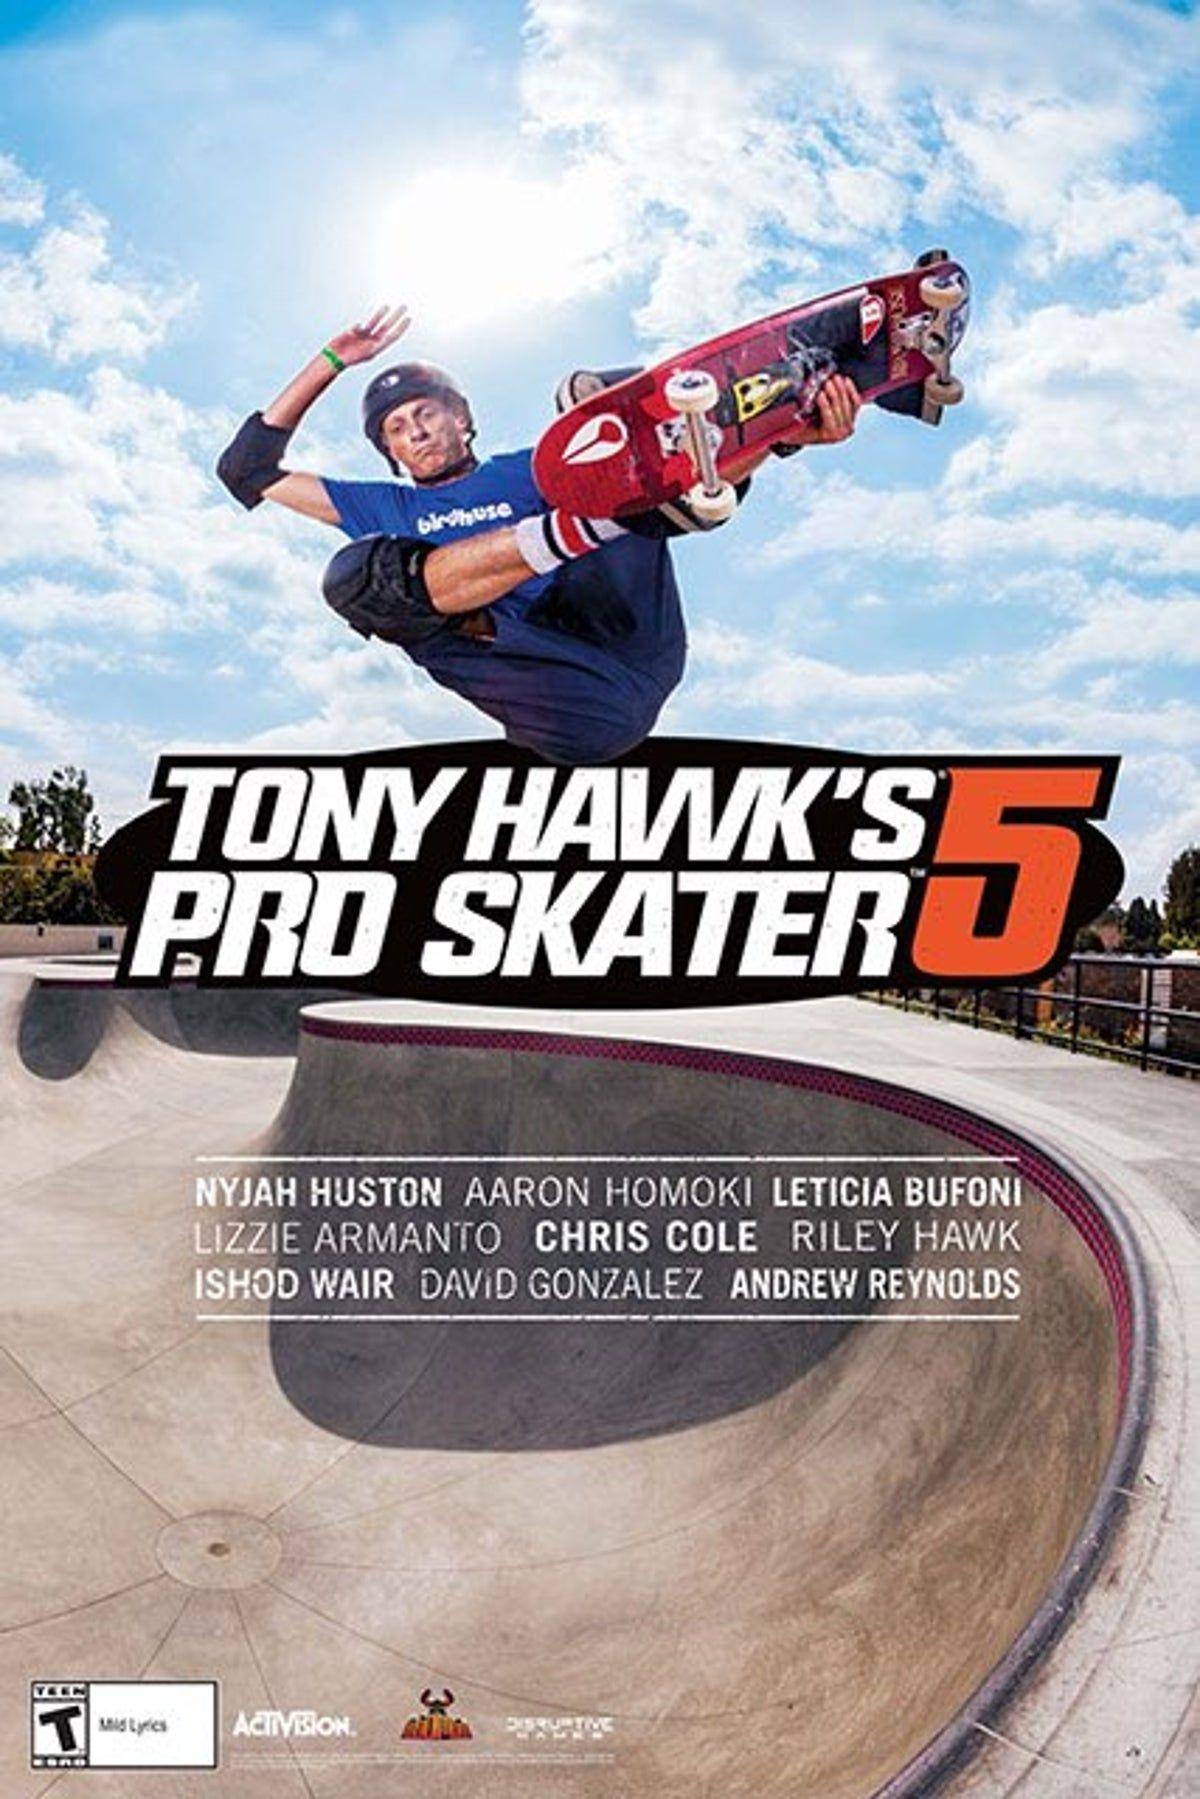 Tony Hawk's Pro Skater 5 Promo Poster on Mercari in 2020